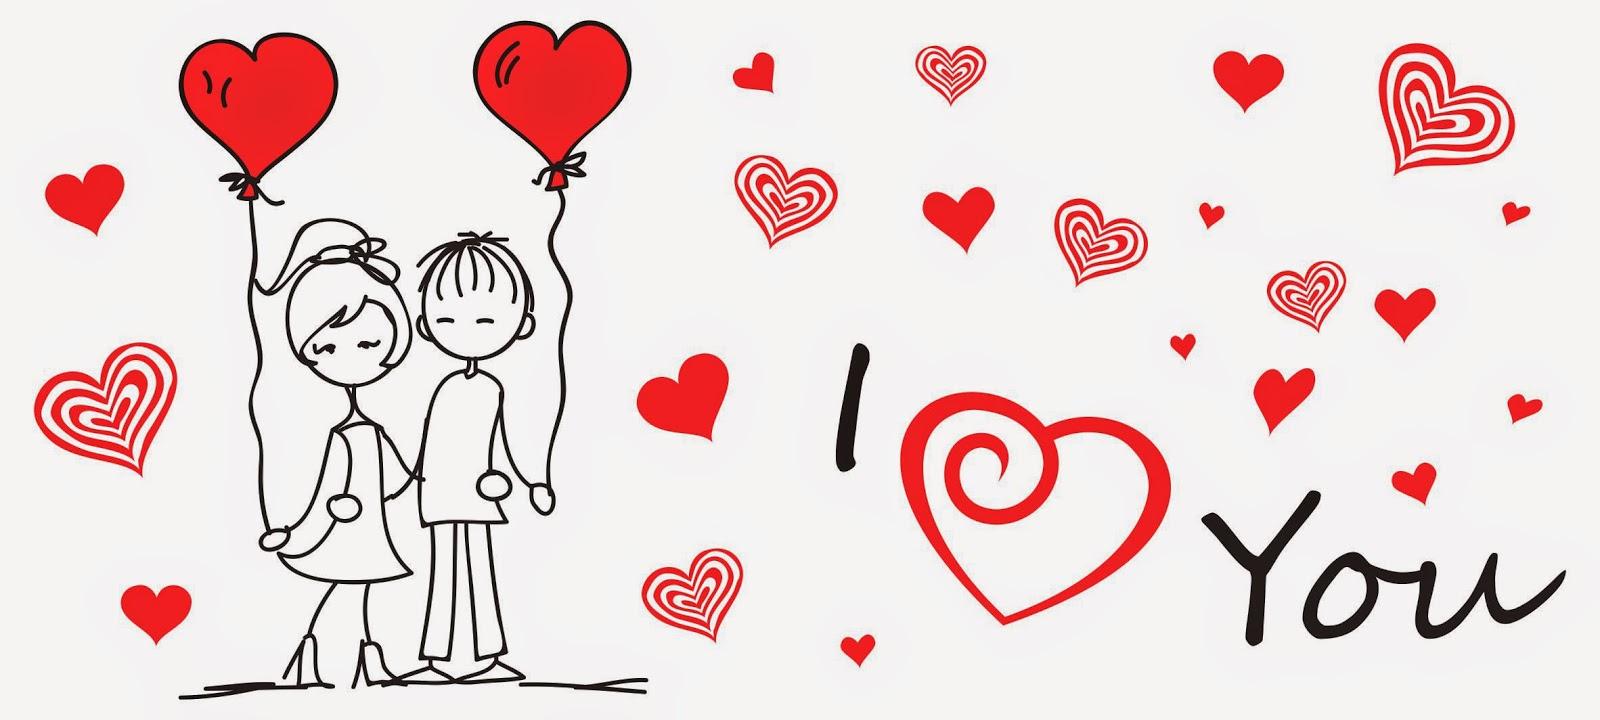 Dia Dos Namorados: O Que Oferecer No Dia Dos Namorados?